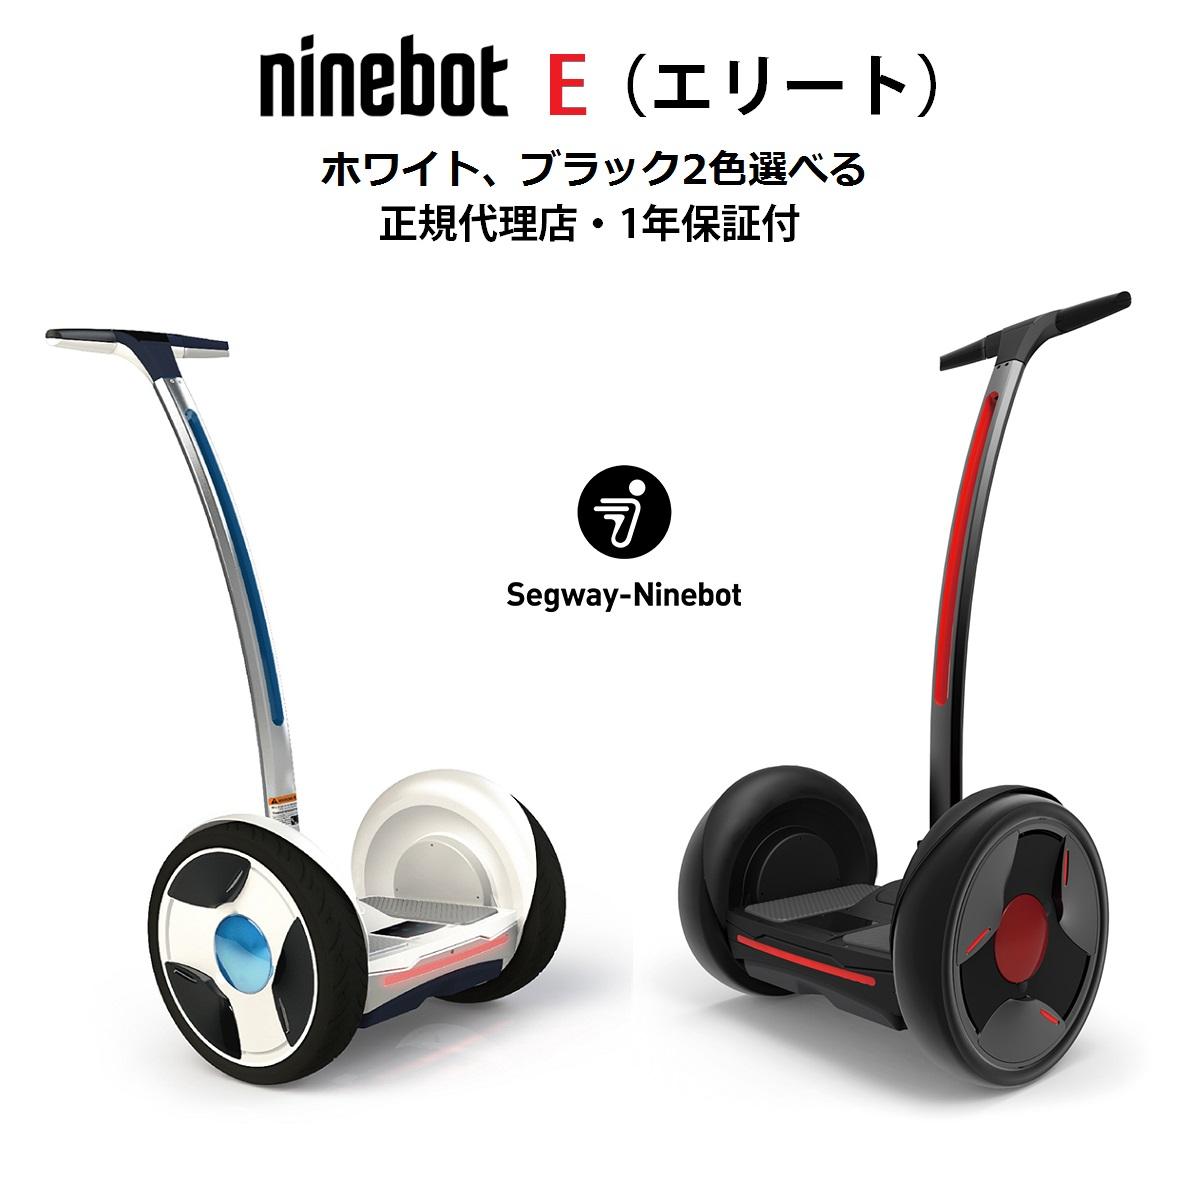 【値下げ:398000→298000円】 Ninebot E ナインボット エリート セグウェイ (100V電源対応)【正規代理店・1年保証付】